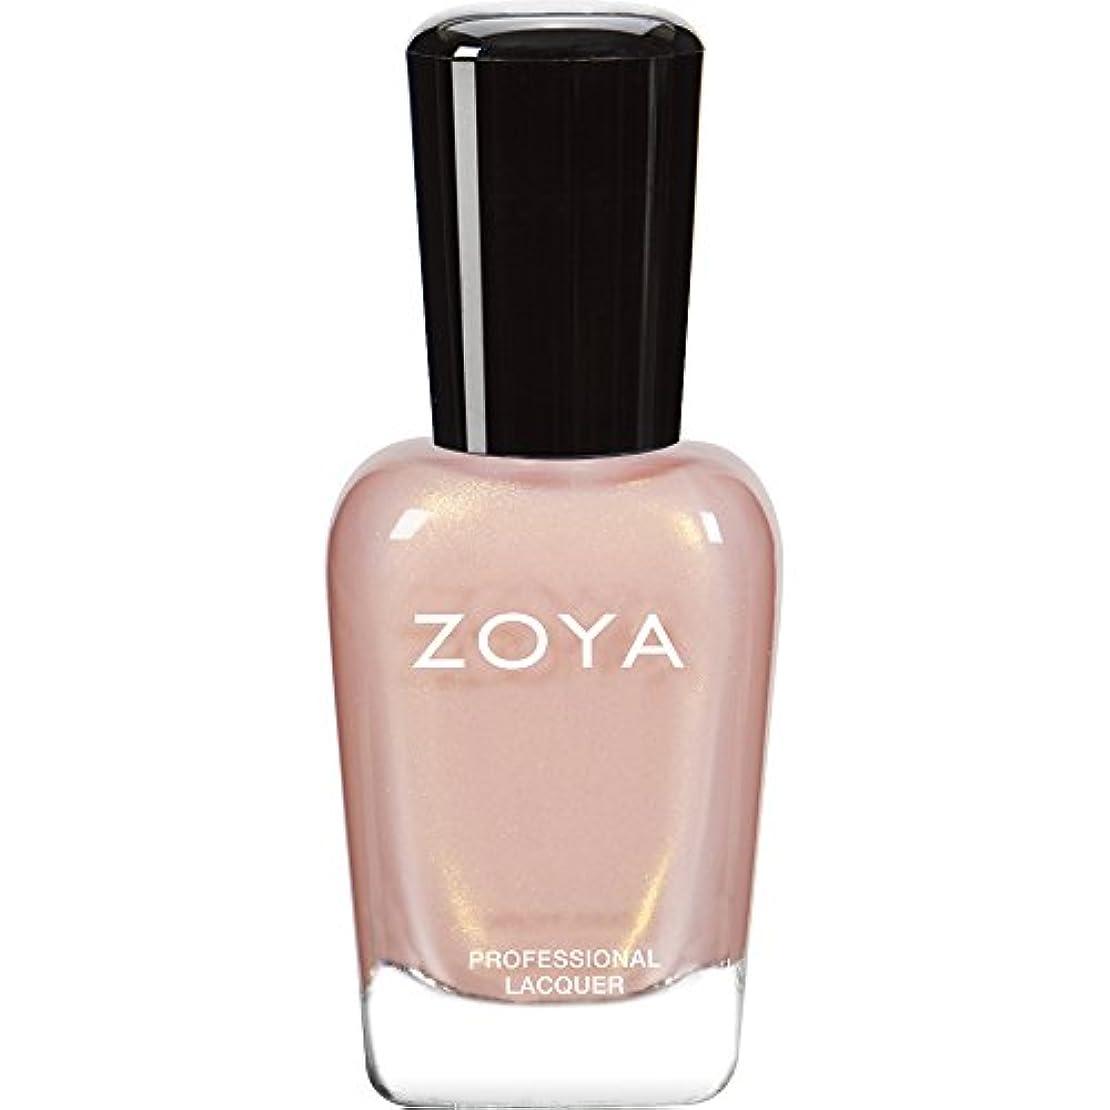 強いファーザーファージュ多様なZOYA ゾーヤ ネイルカラーZP445(ERIKA) エリカ 15ml ゴールドがきらめくガーリーなベビーピンク パール/メタリック 爪にやさしいネイルラッカーマニキュア